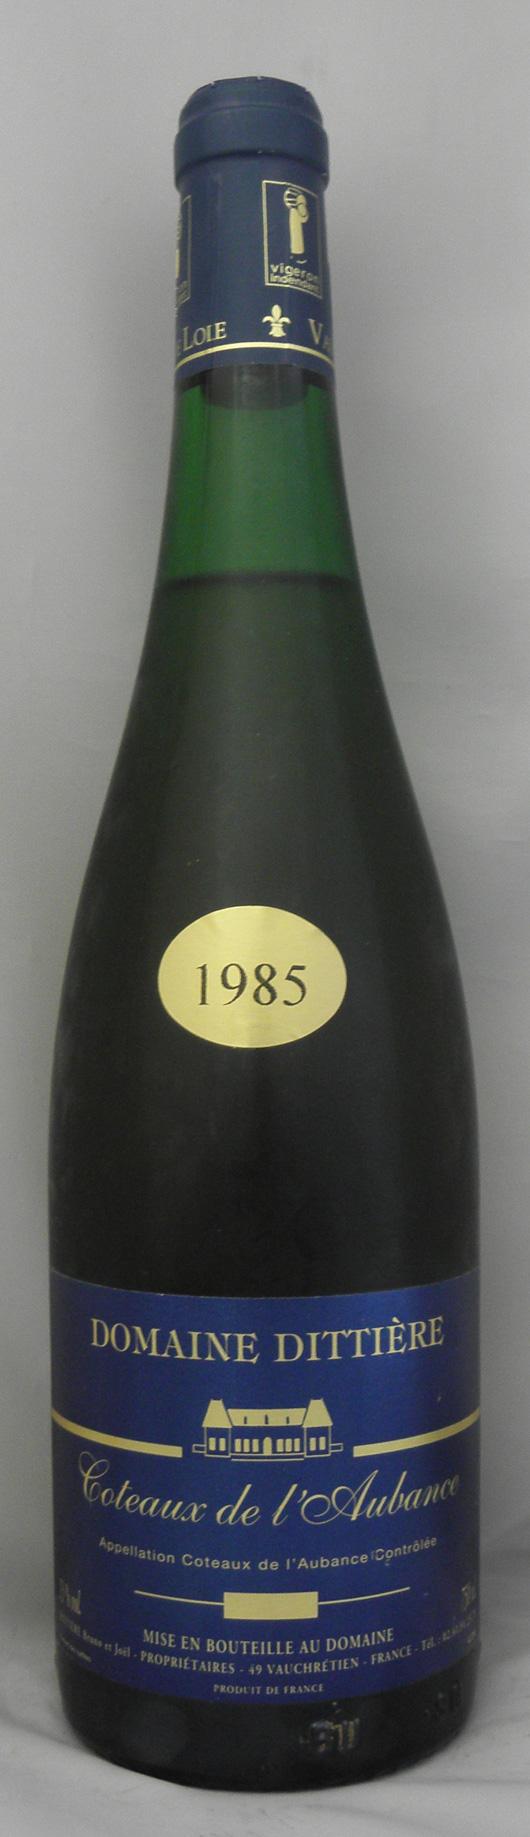 1985年 コトー ド ローバンス(フランス 白ワイン)